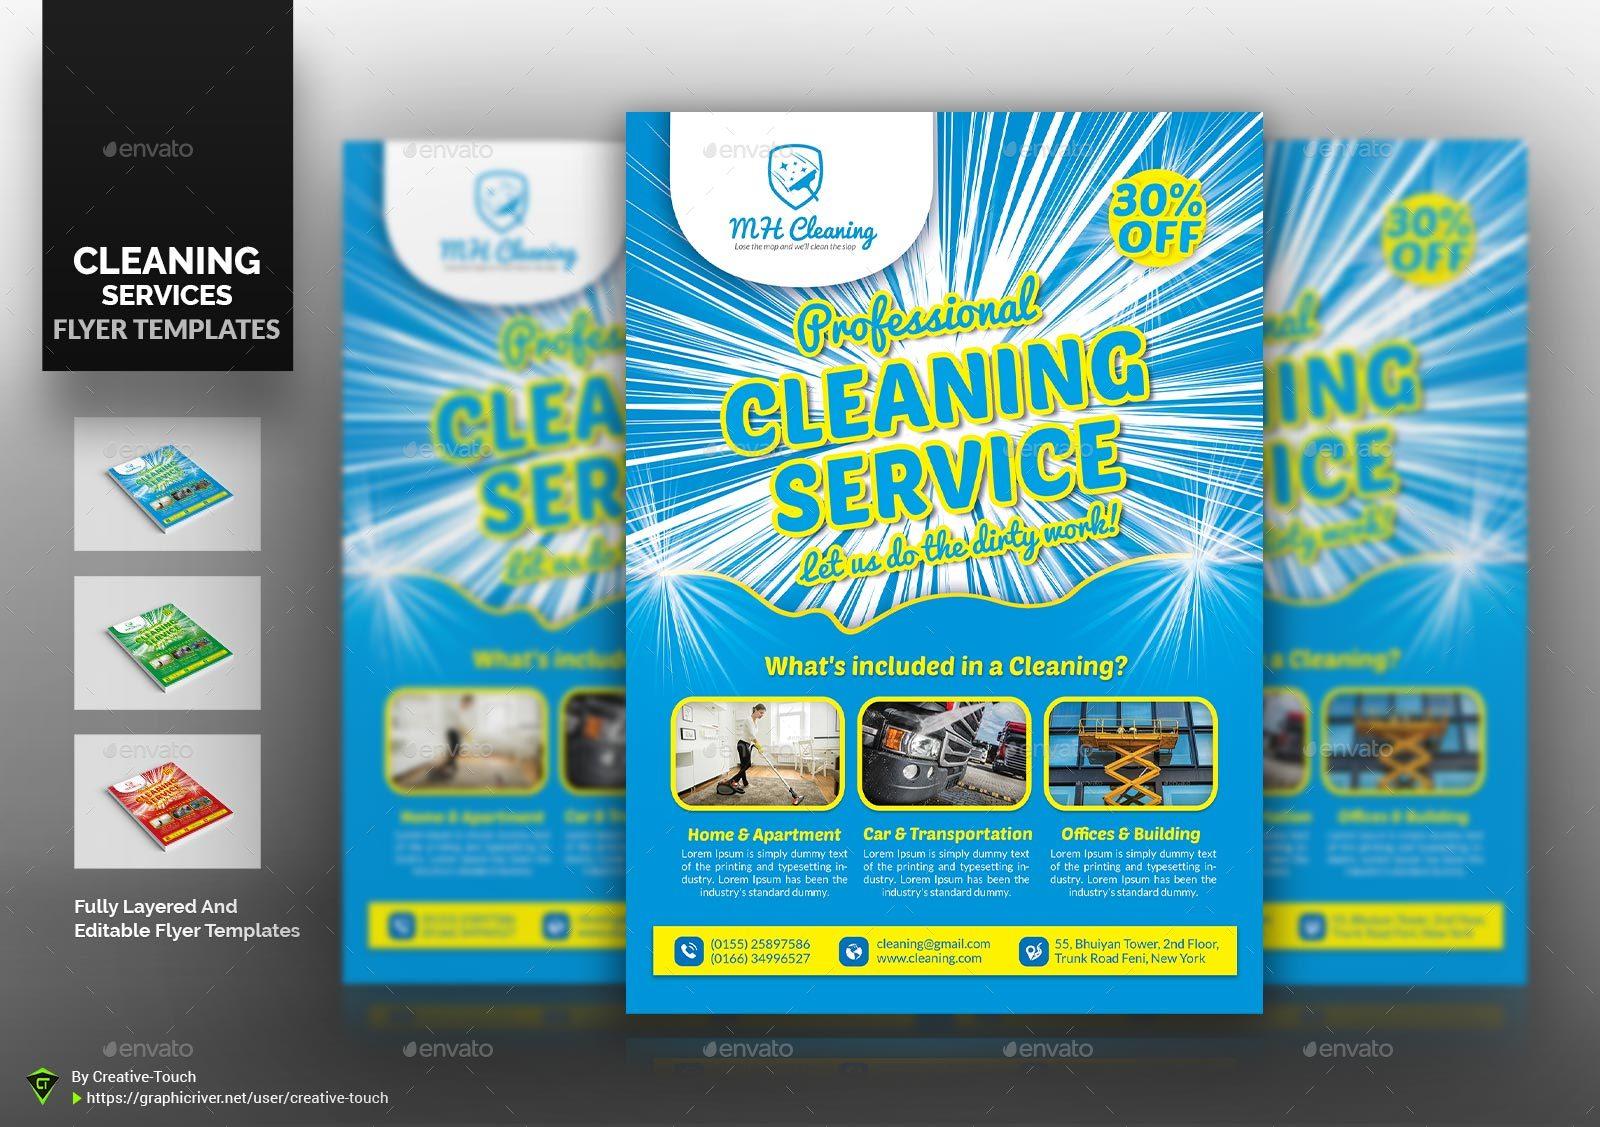 فایل لایه باز آگهی خدمات نظافتی